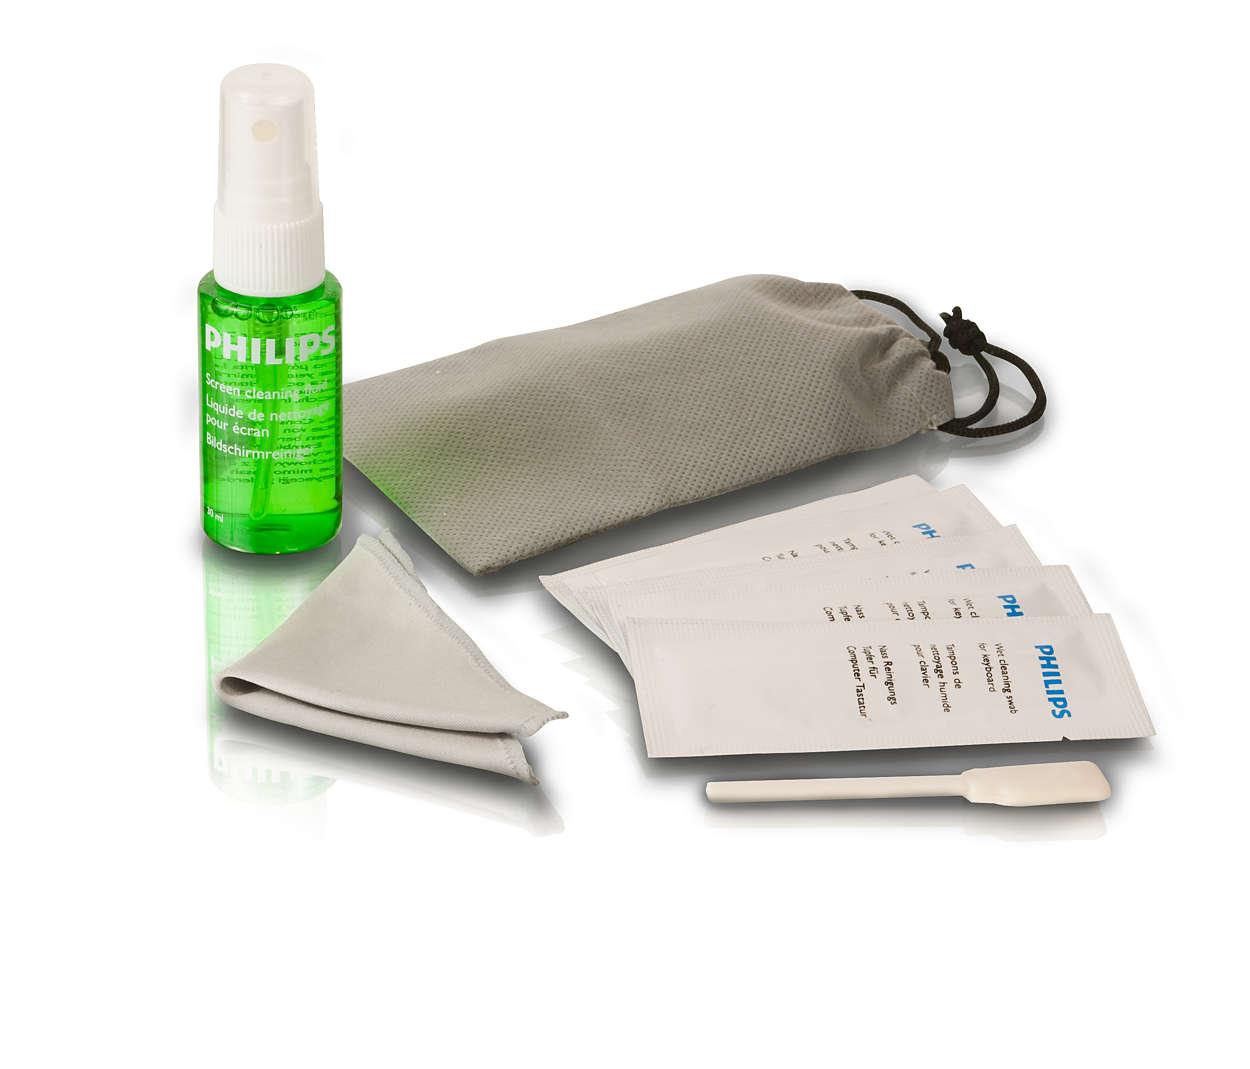 Veilig reinigen van schermen van laptops en mobiele telefoons